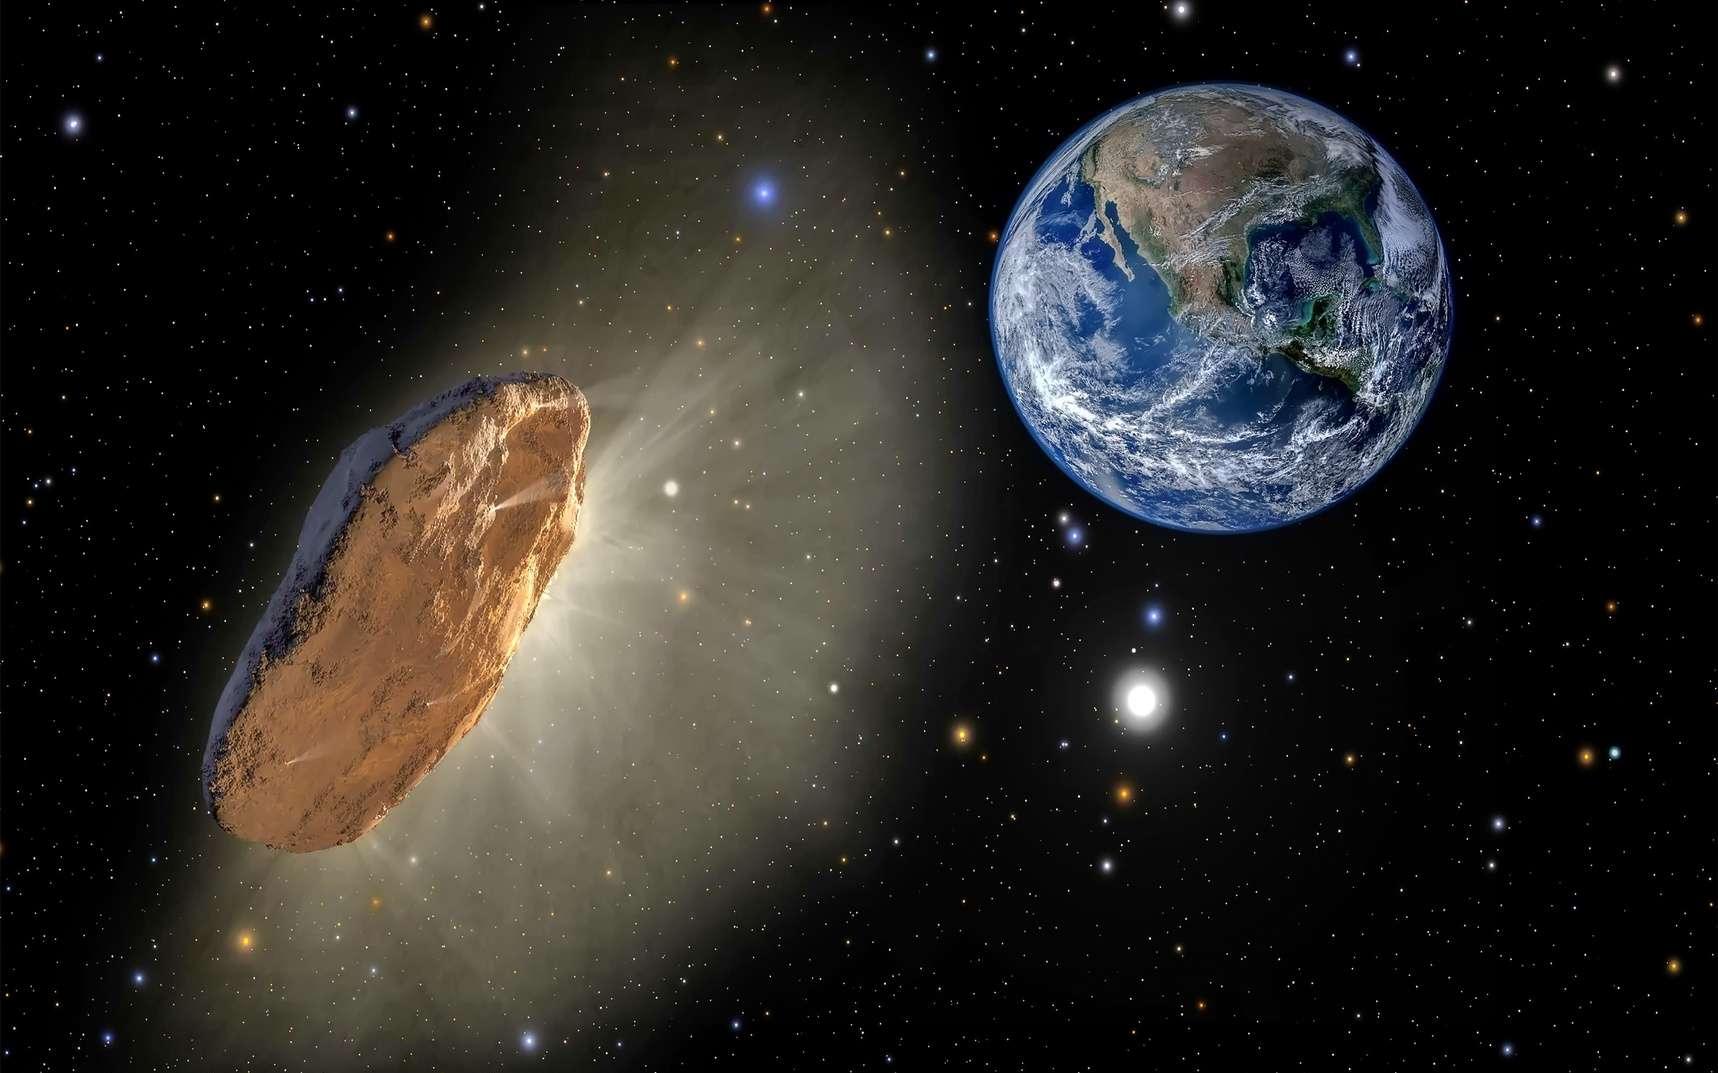 Un météore d'origine interstellaire serait tombé sur Terre en 2014